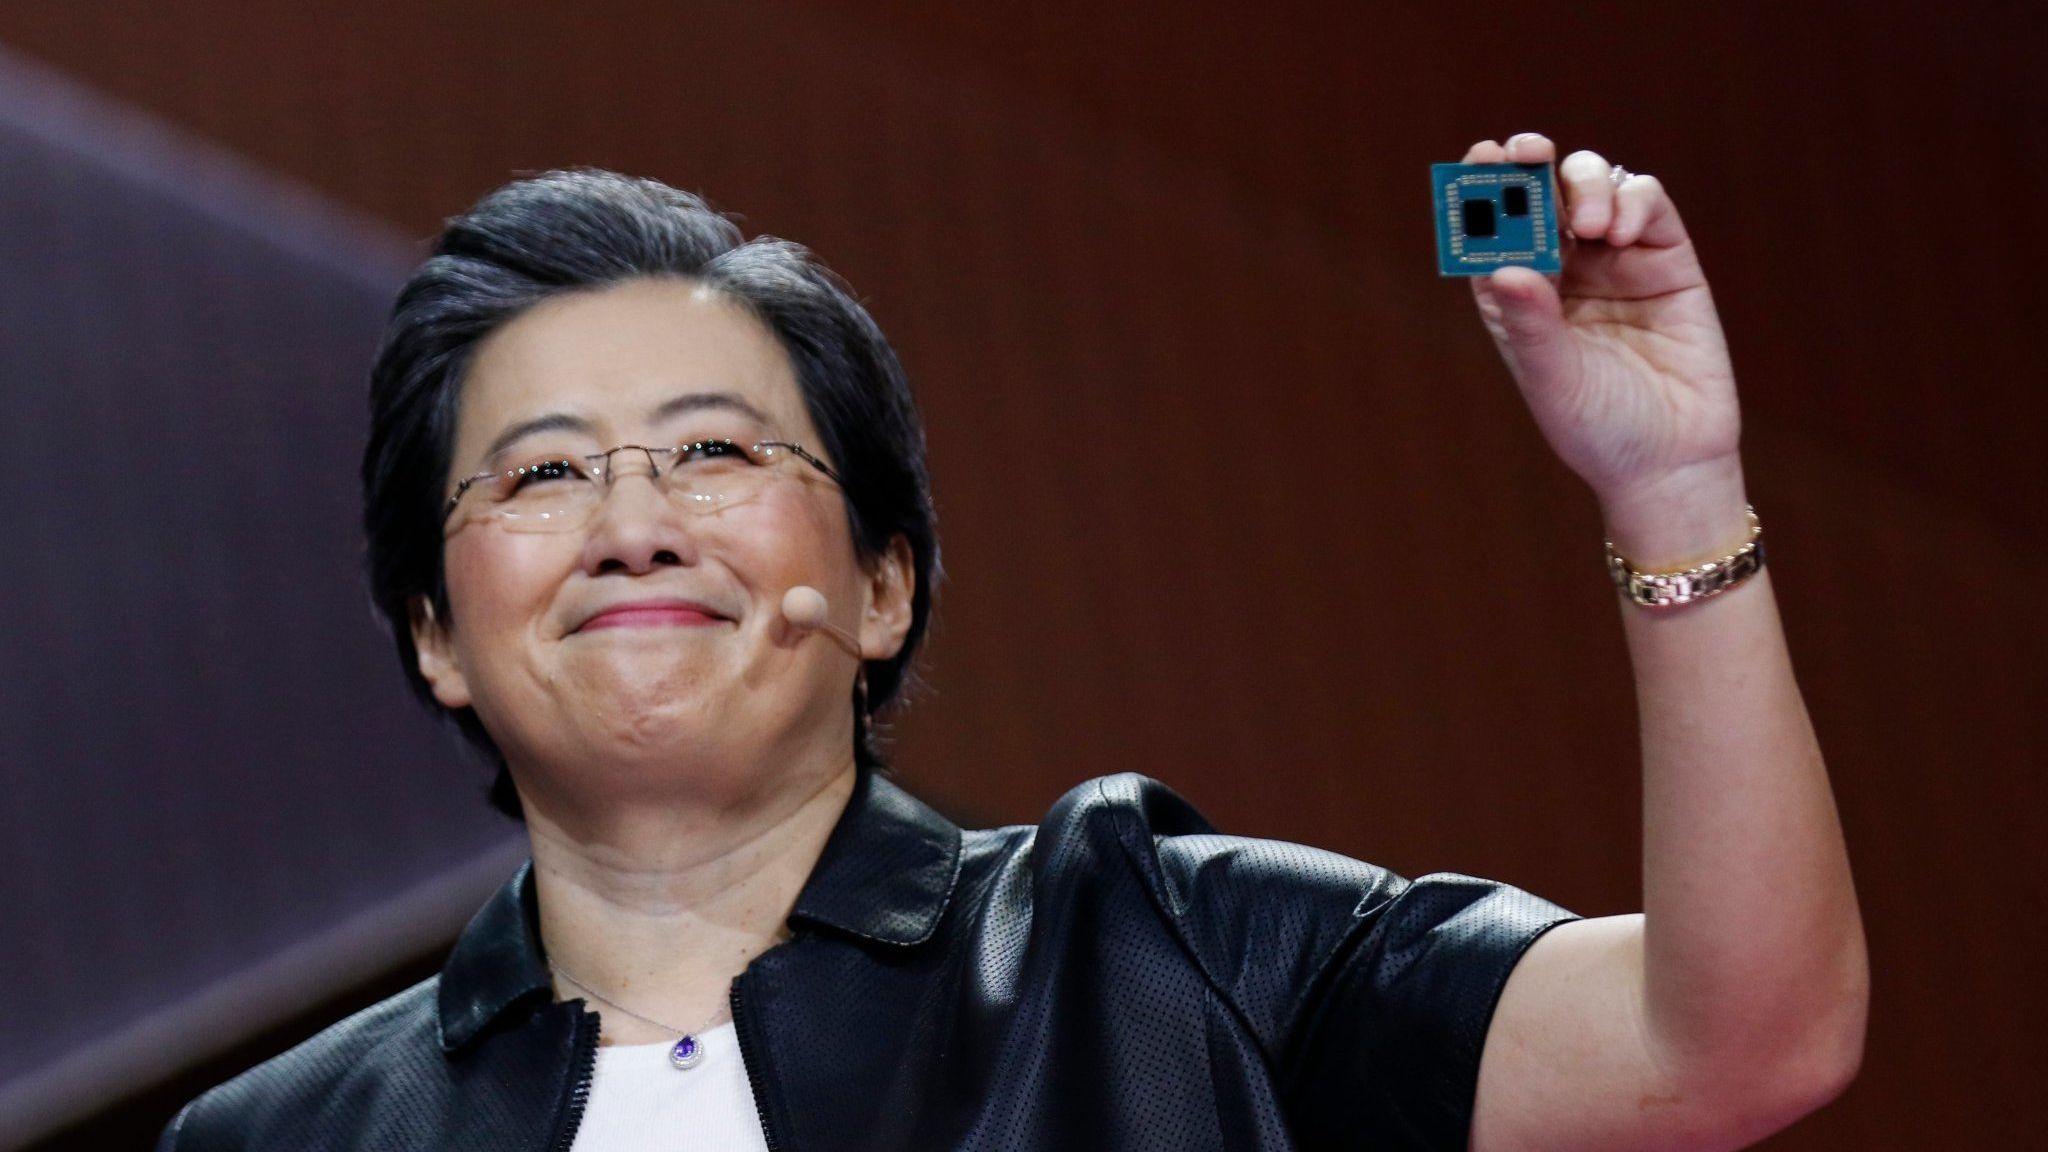 Viste frem ny prosessor på CES – demonstrerte marginal seier over Intel-konkurrent